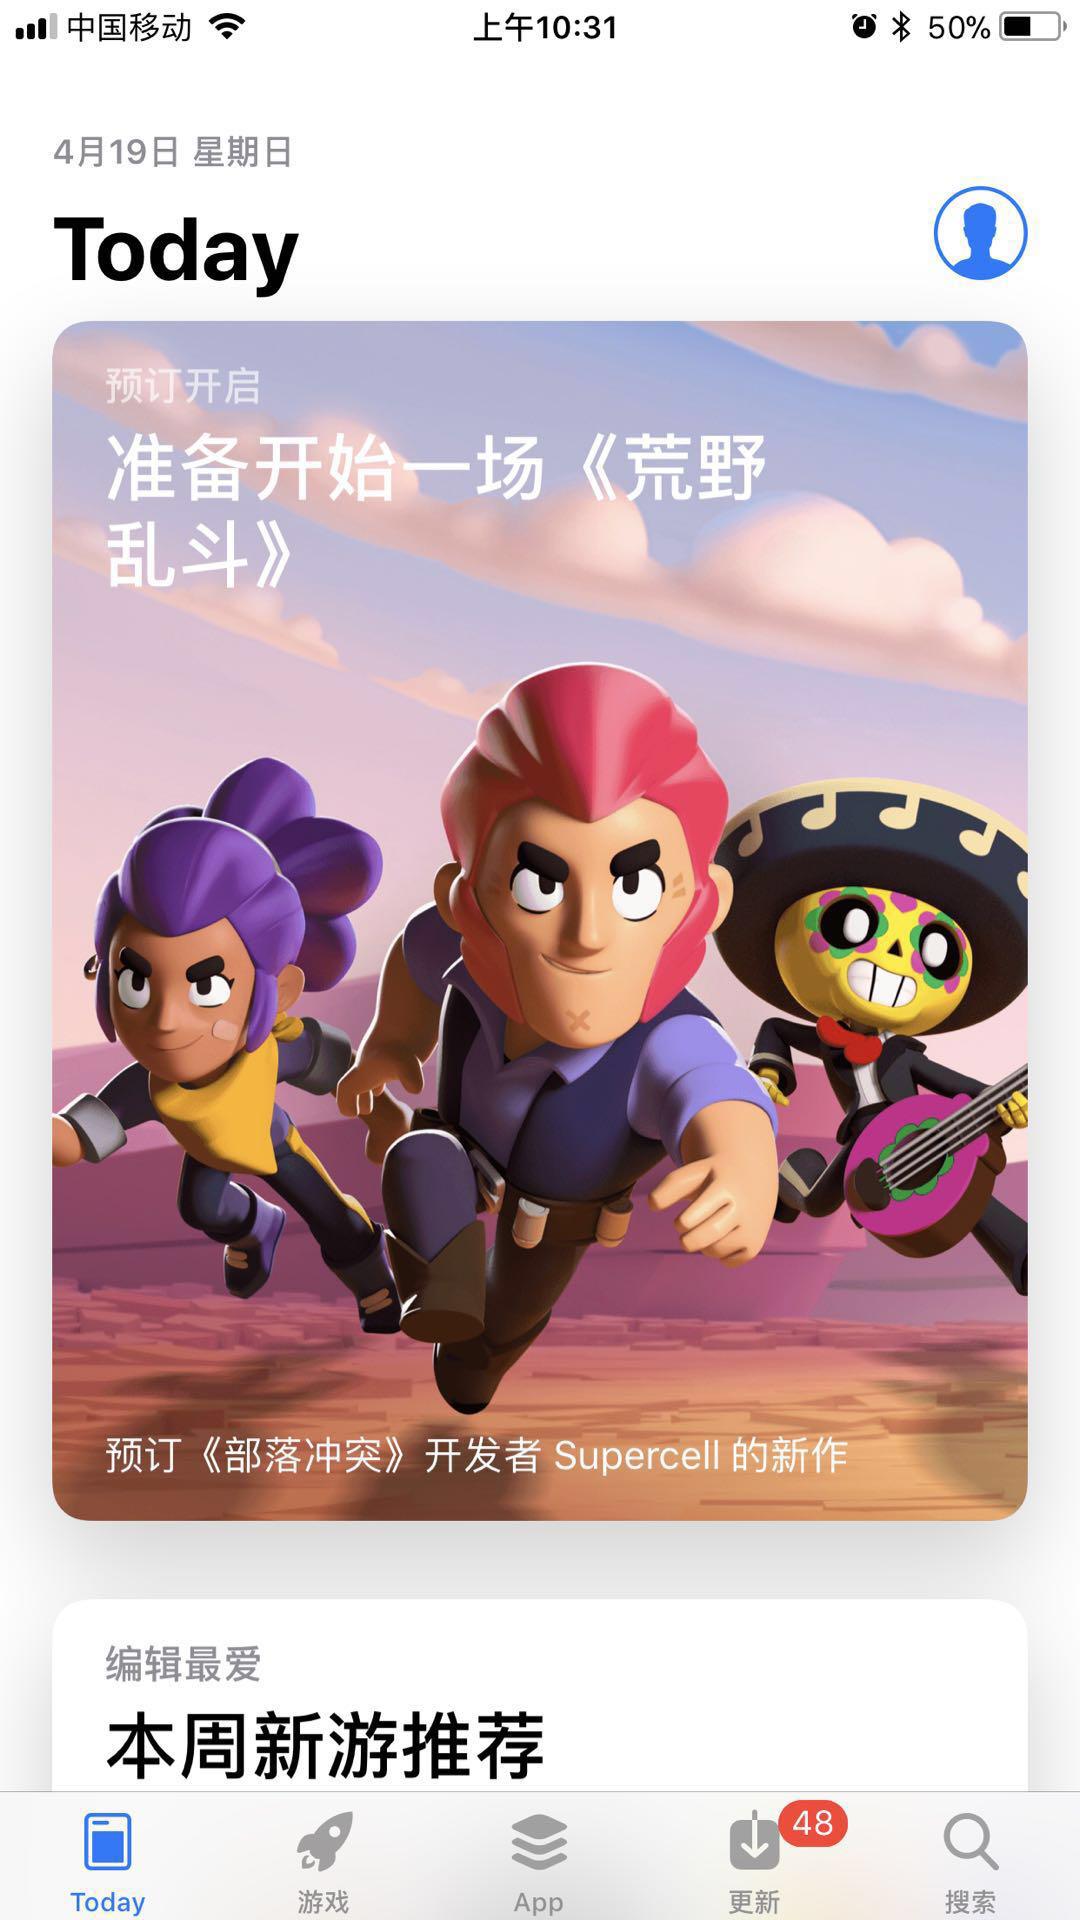 《荒野乱斗》获苹果应用商店推荐,未来表现可期